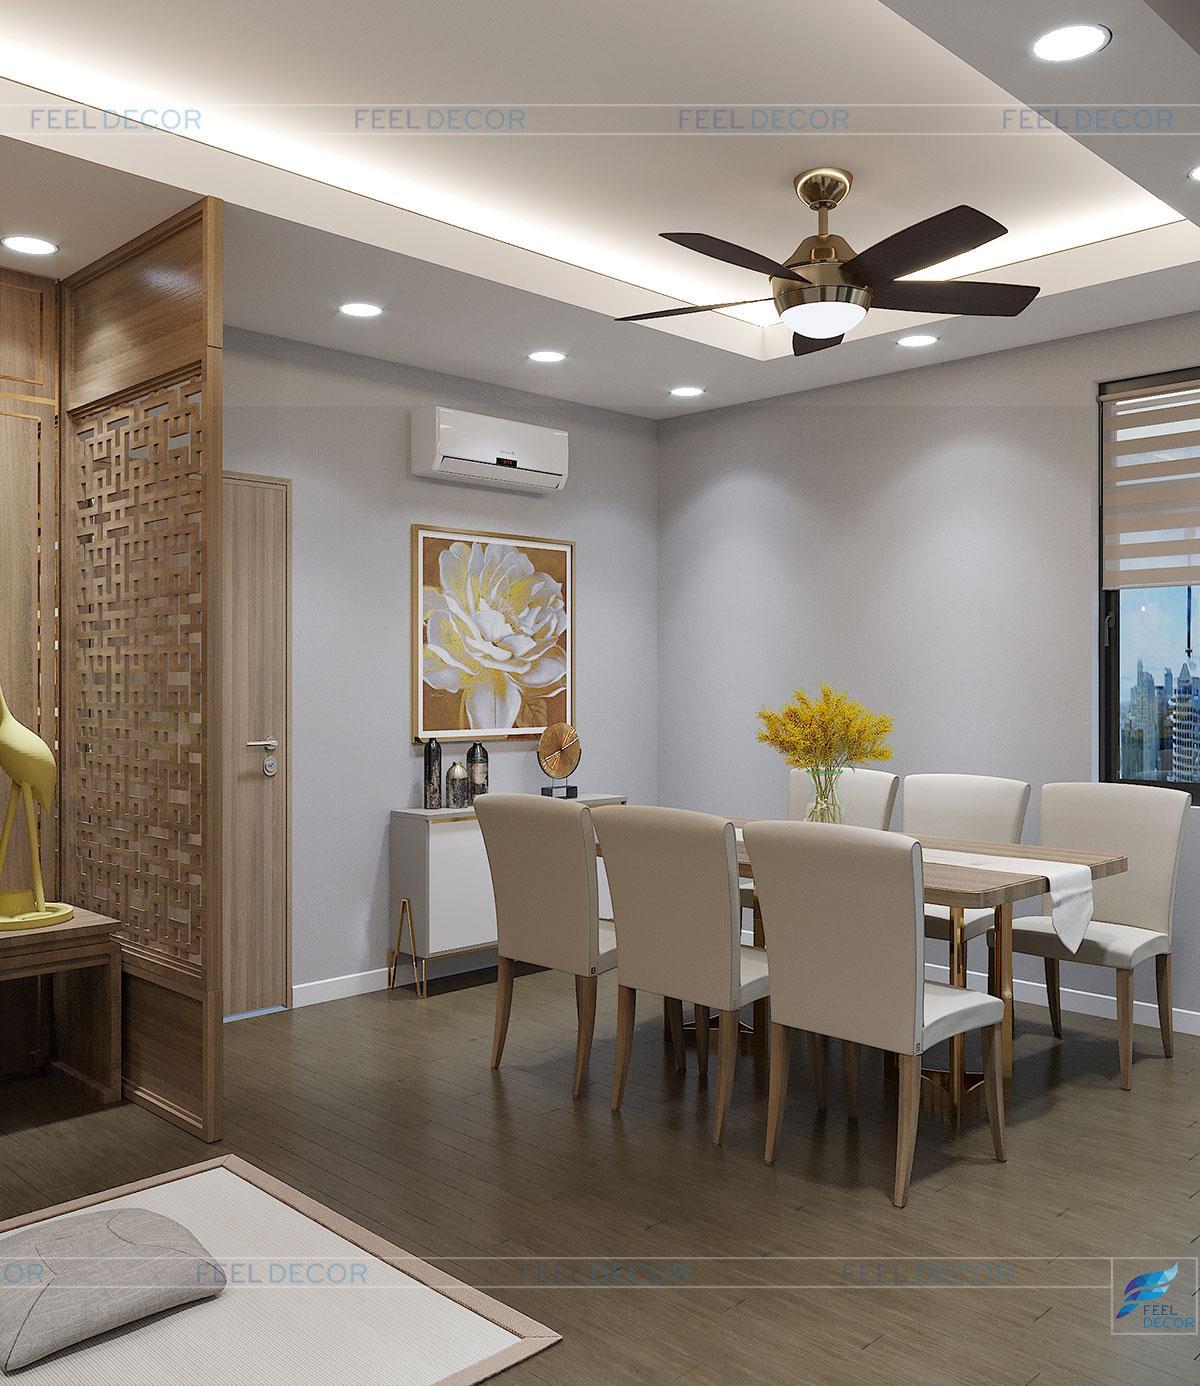 Hình ảnh 3D nội thất phòng thờ nhà phố quận 9